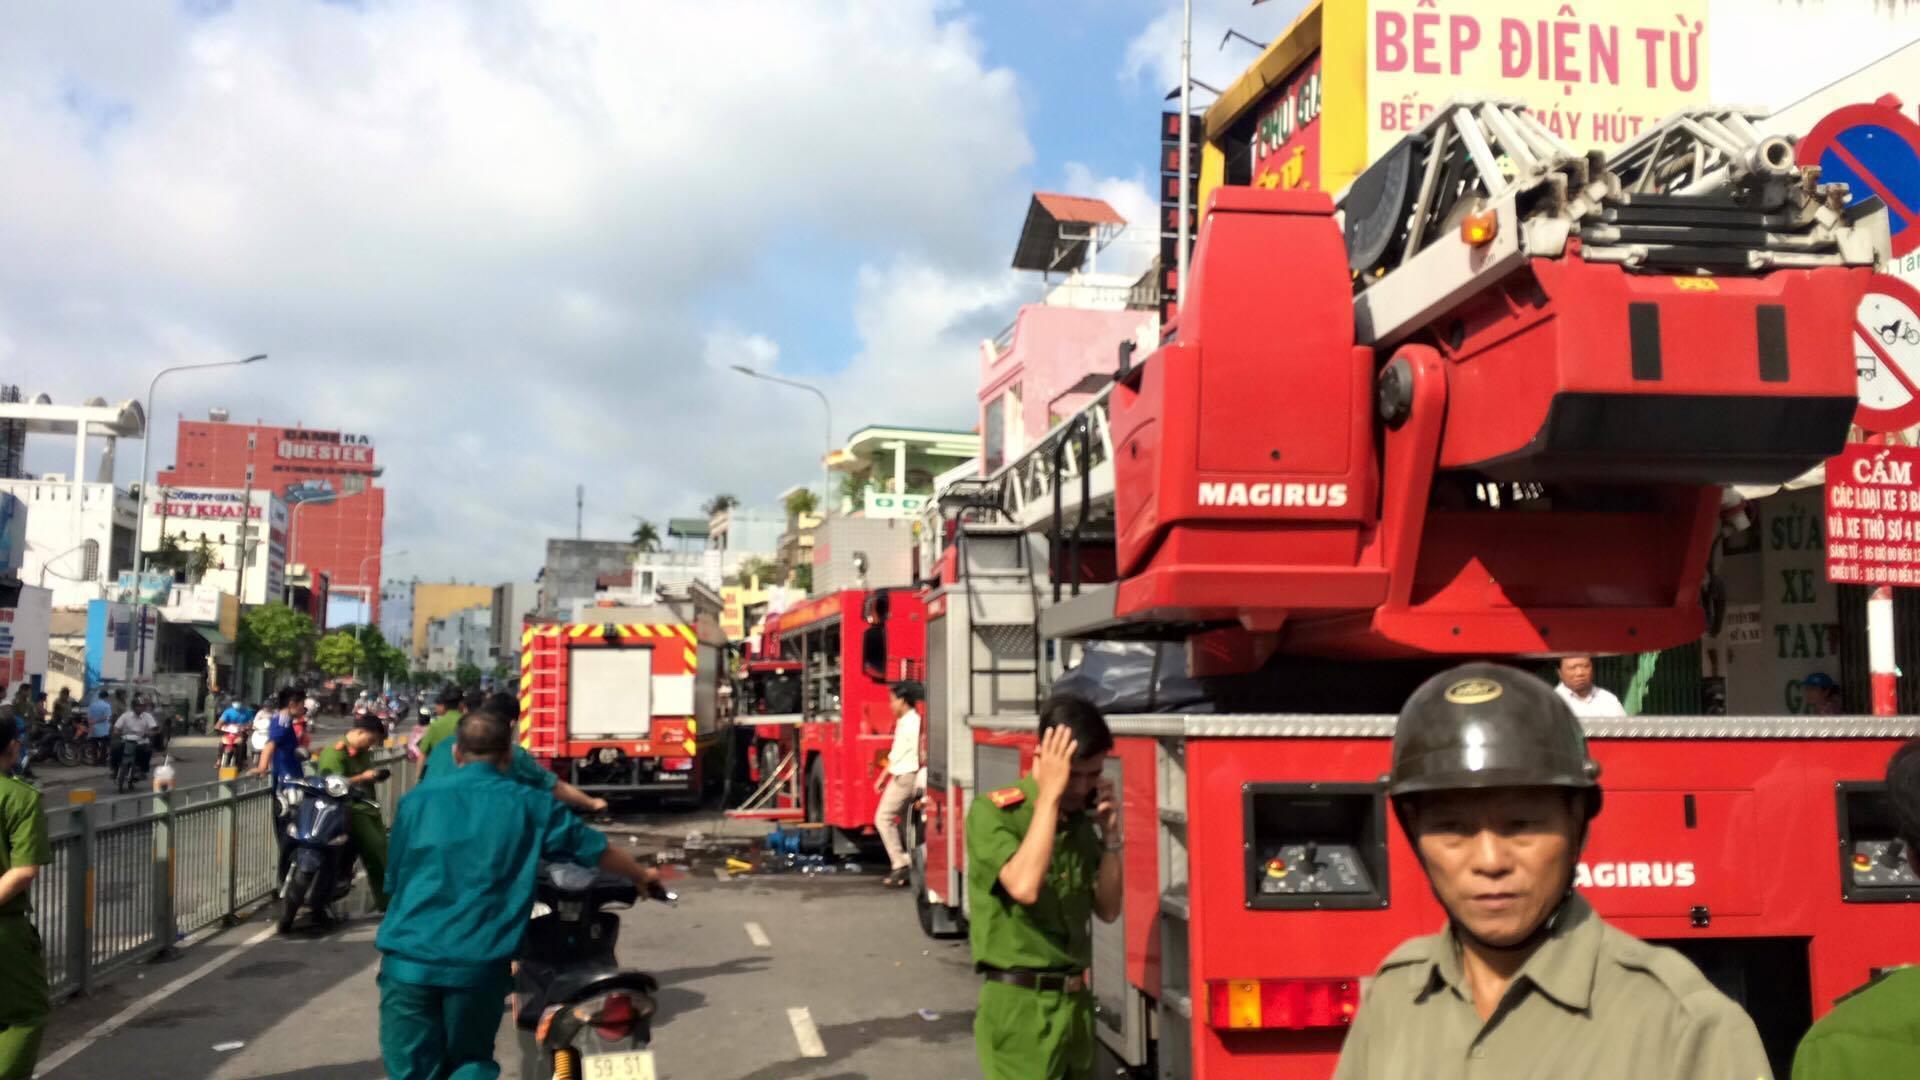 Cháy cửa hàng lúc rạng sáng, 4 người thiệt mạng